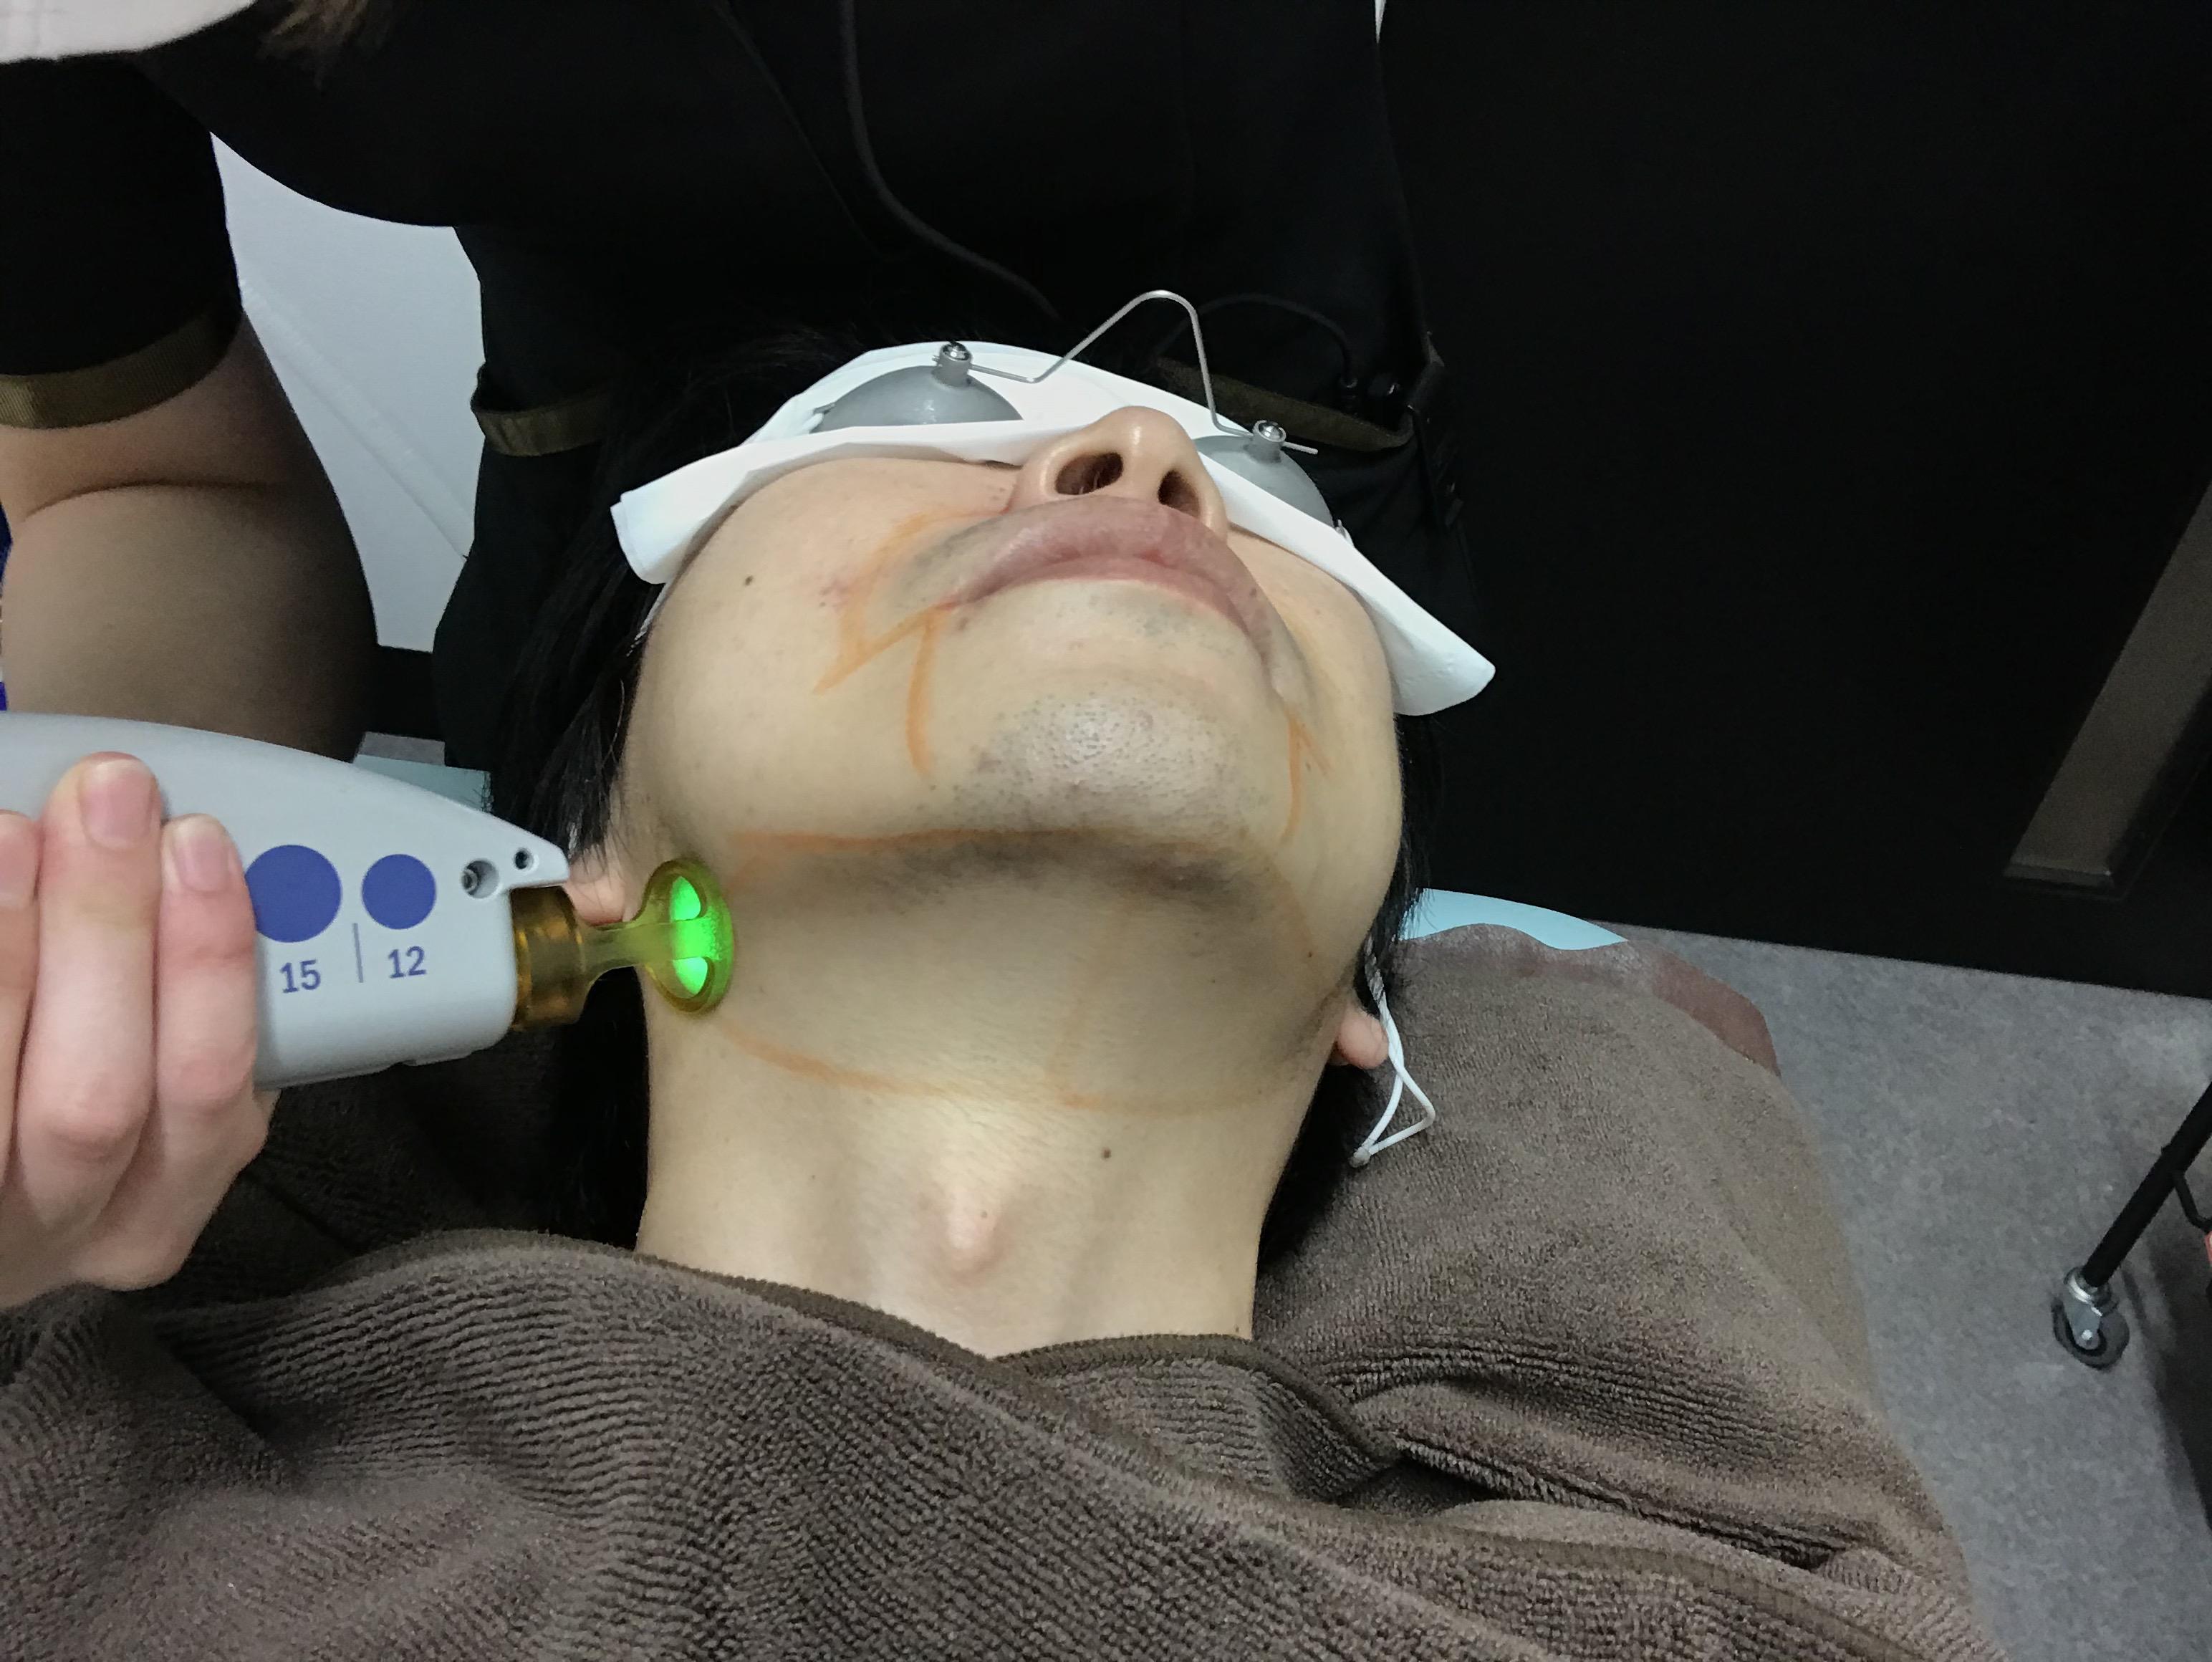 ゴリラクリニック|ヒゲ脱毛の治療の間隔はどのくらい開けるべき?何回目から効果が現れるの?